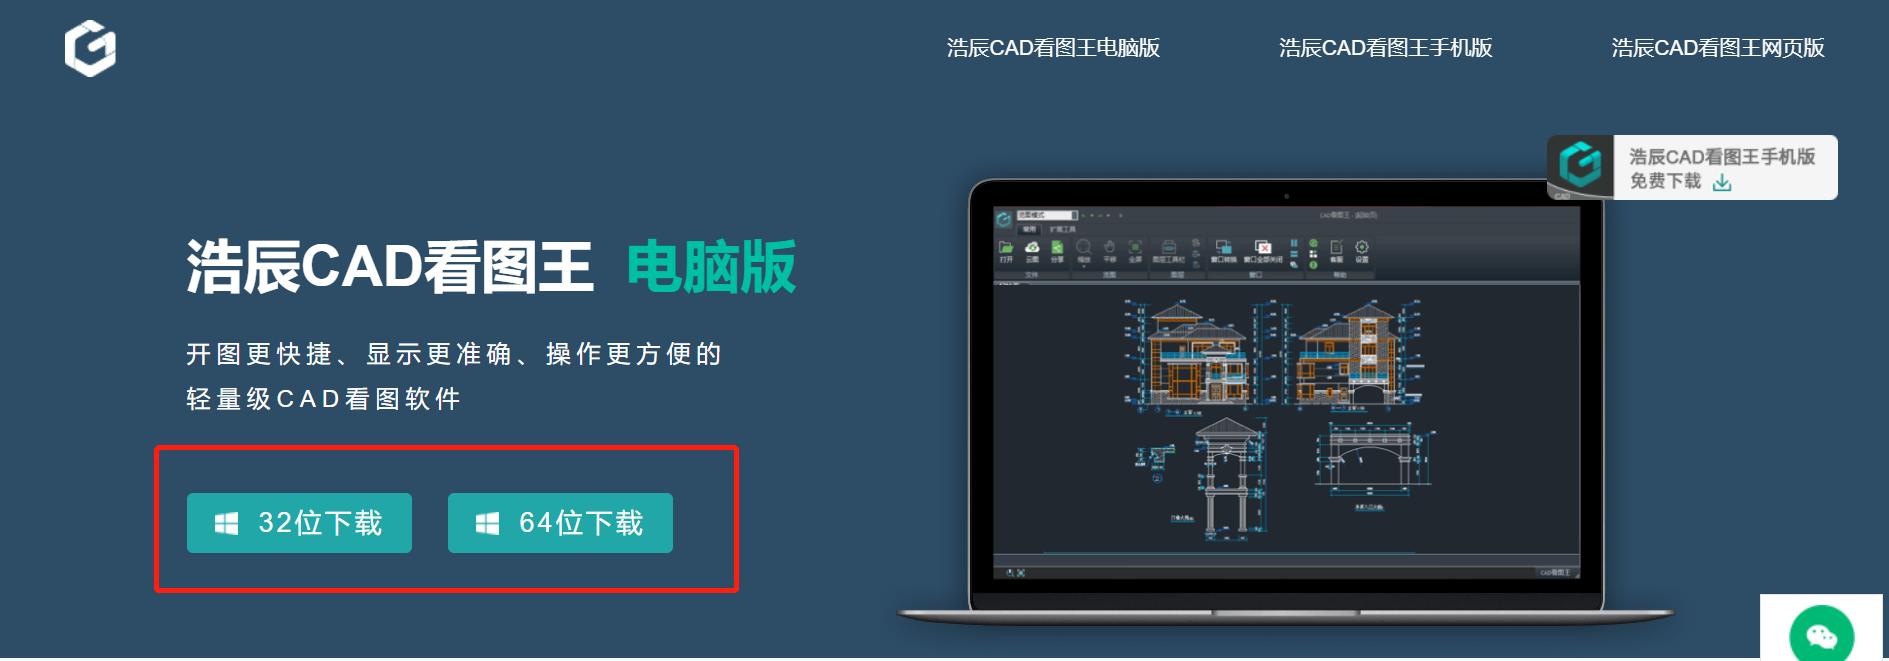 如何下载CAD快速看图软件?浩辰CAD看图王下载教程